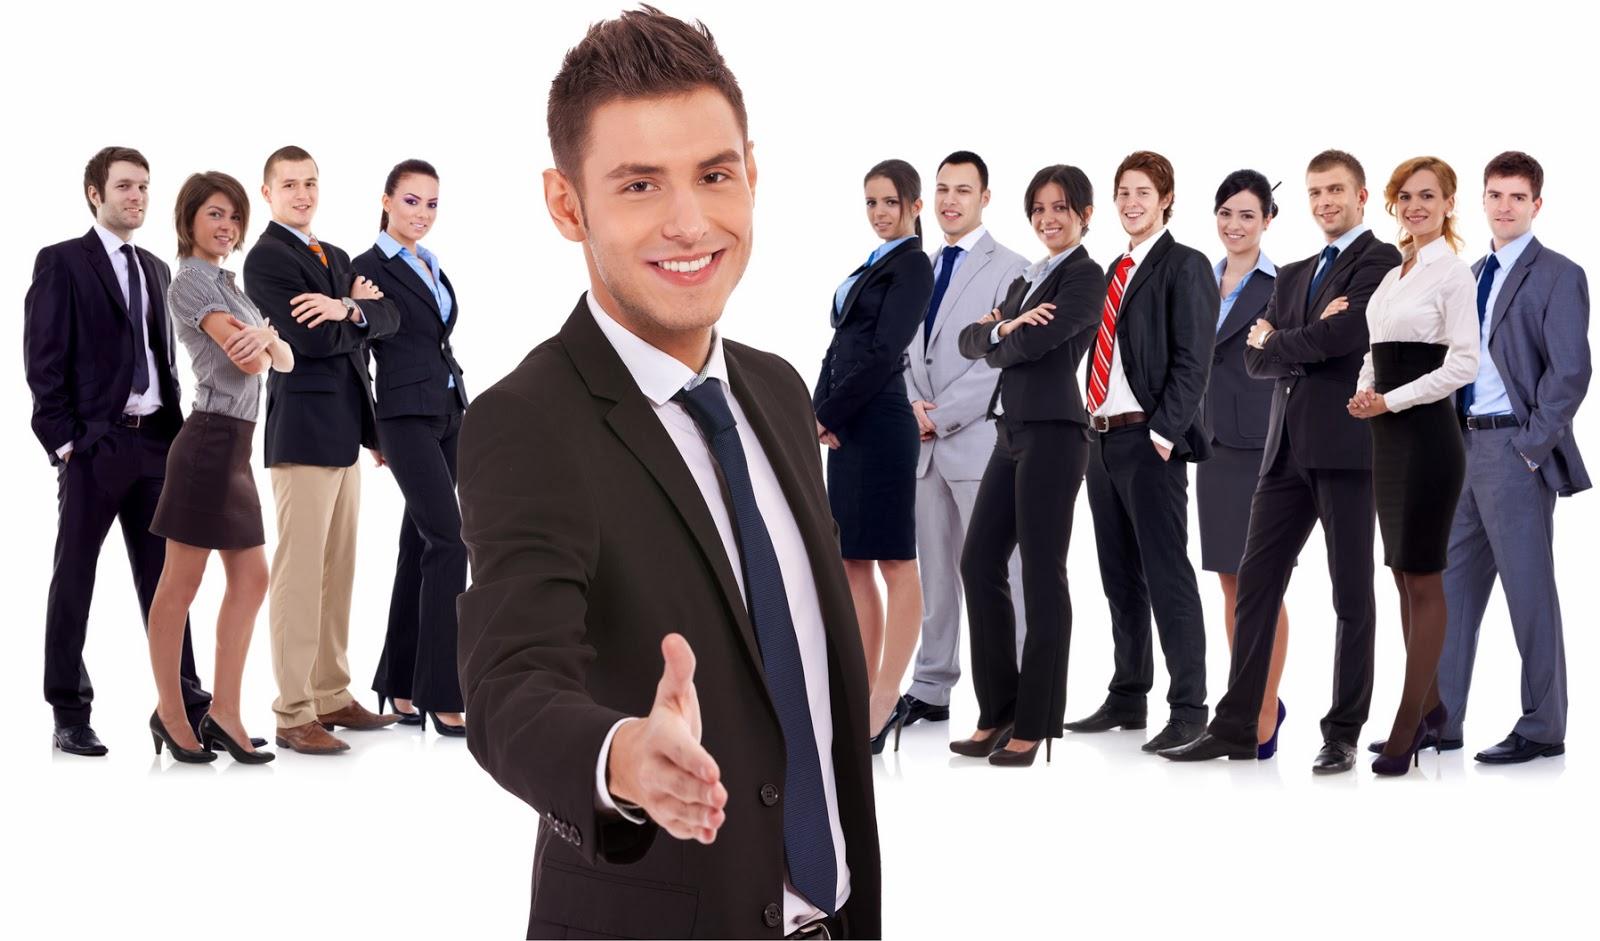 Conseguir inversores de capital privado